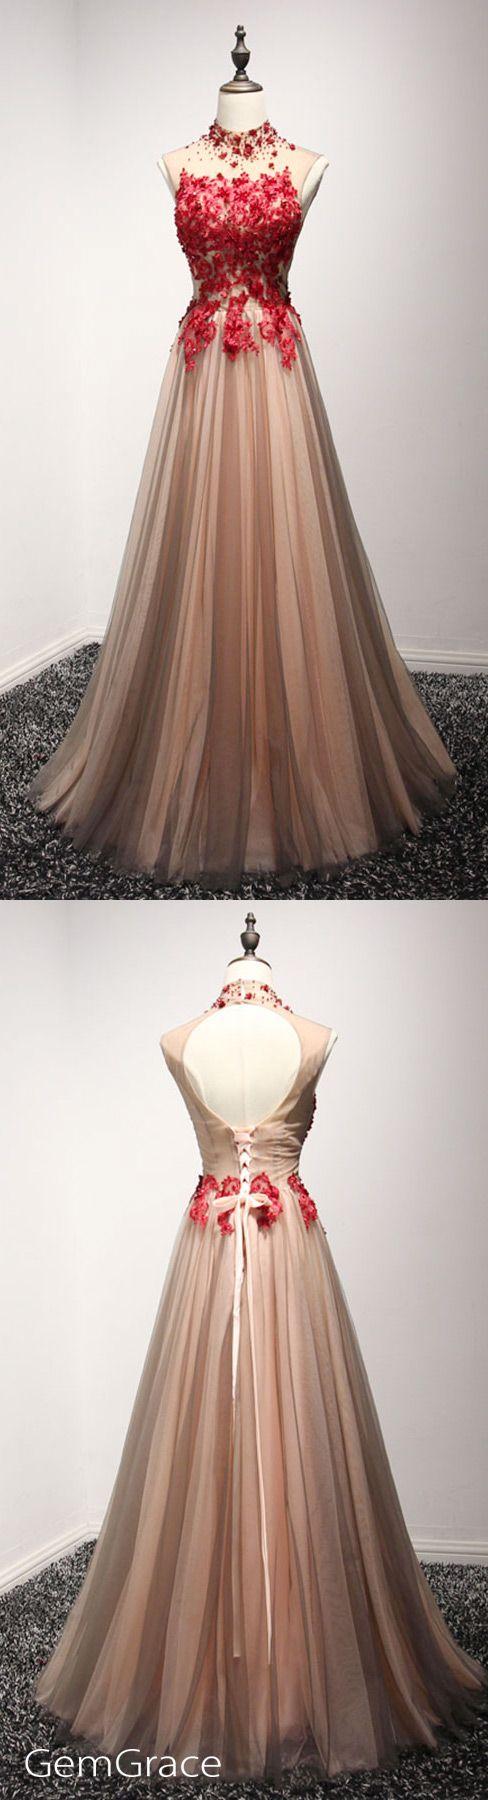 Long halter open back tulle prom dress